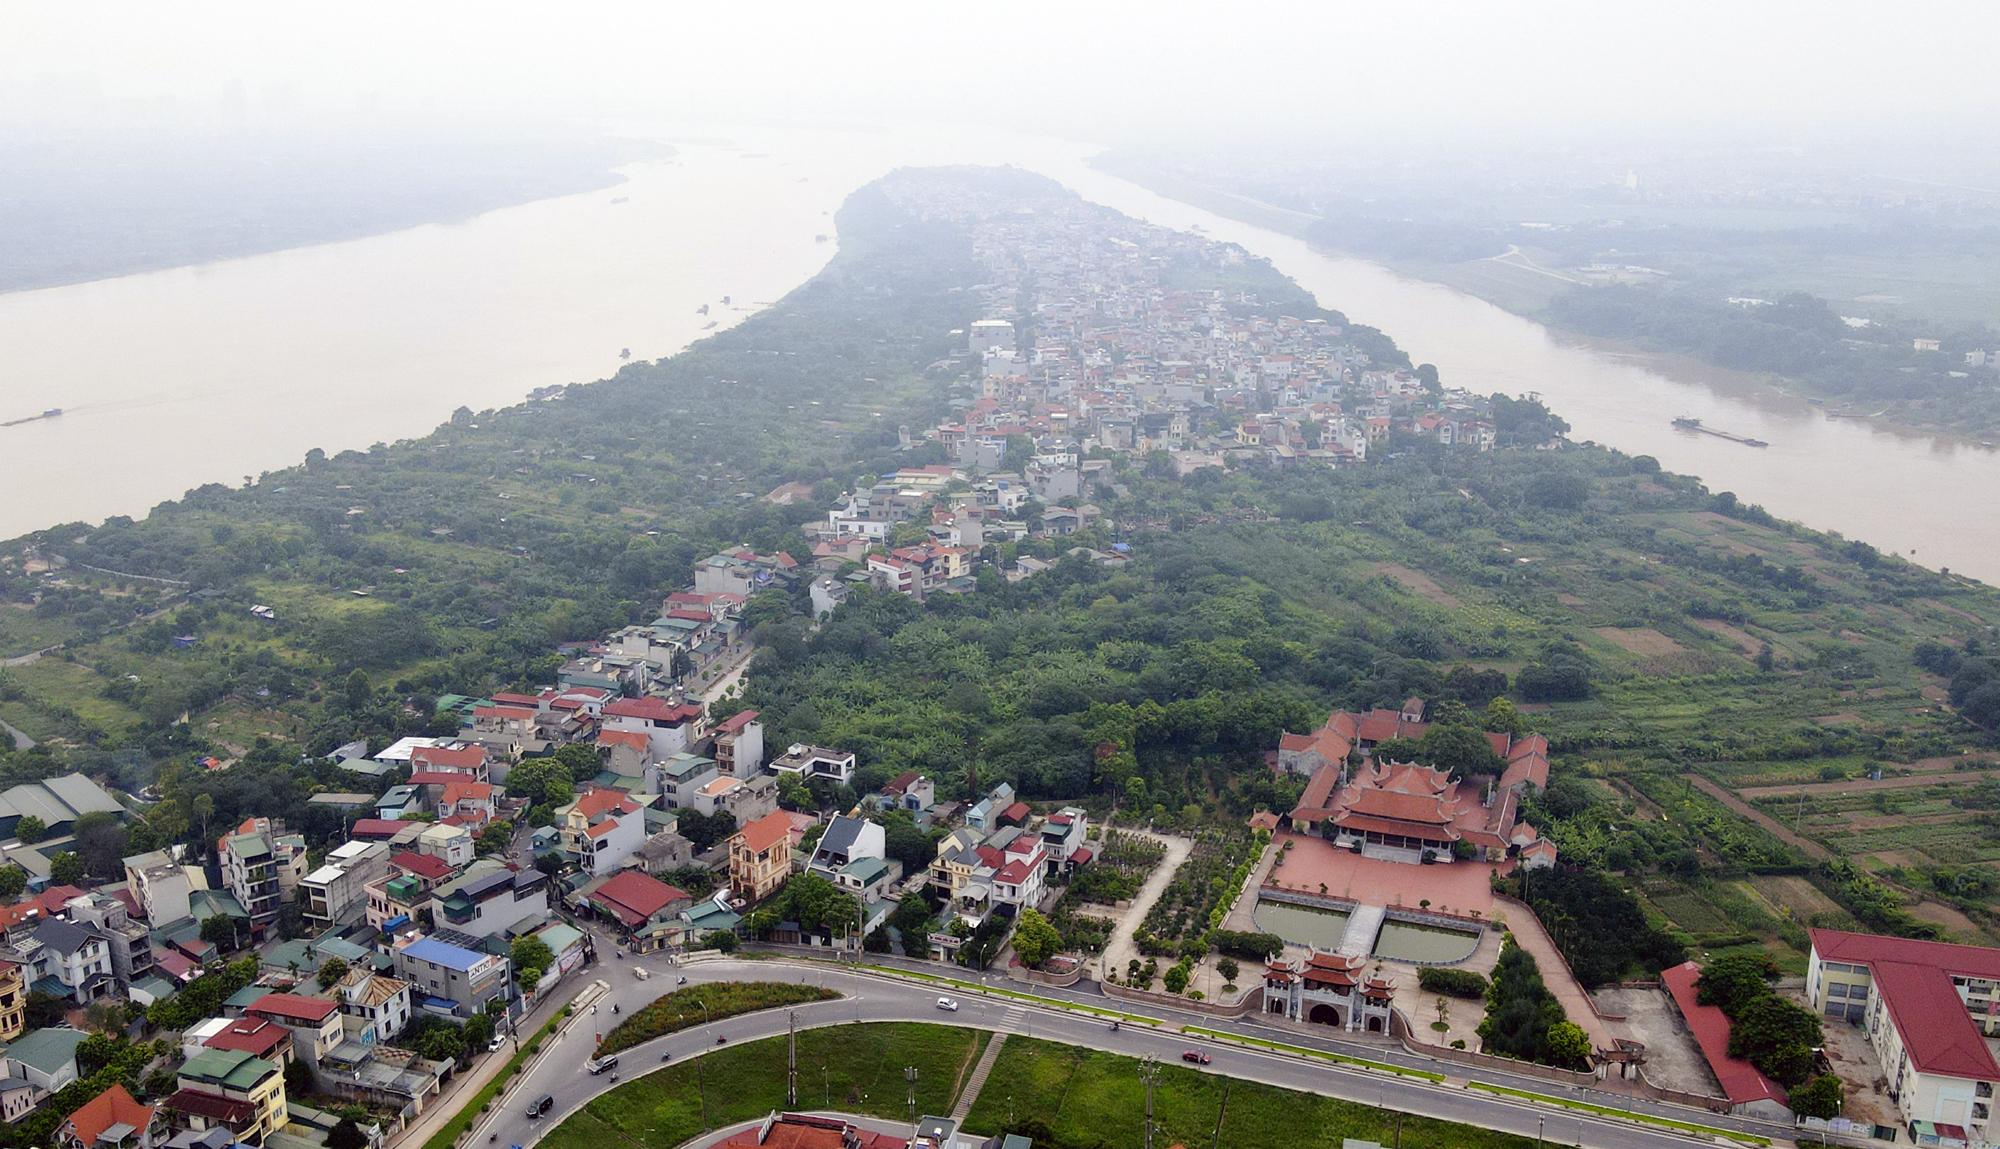 Quy hoạch phân khu sông Hồng: 5 khu dân cư dự kiến di dời, 26 KDC giữ nguyên  - Ảnh 2.